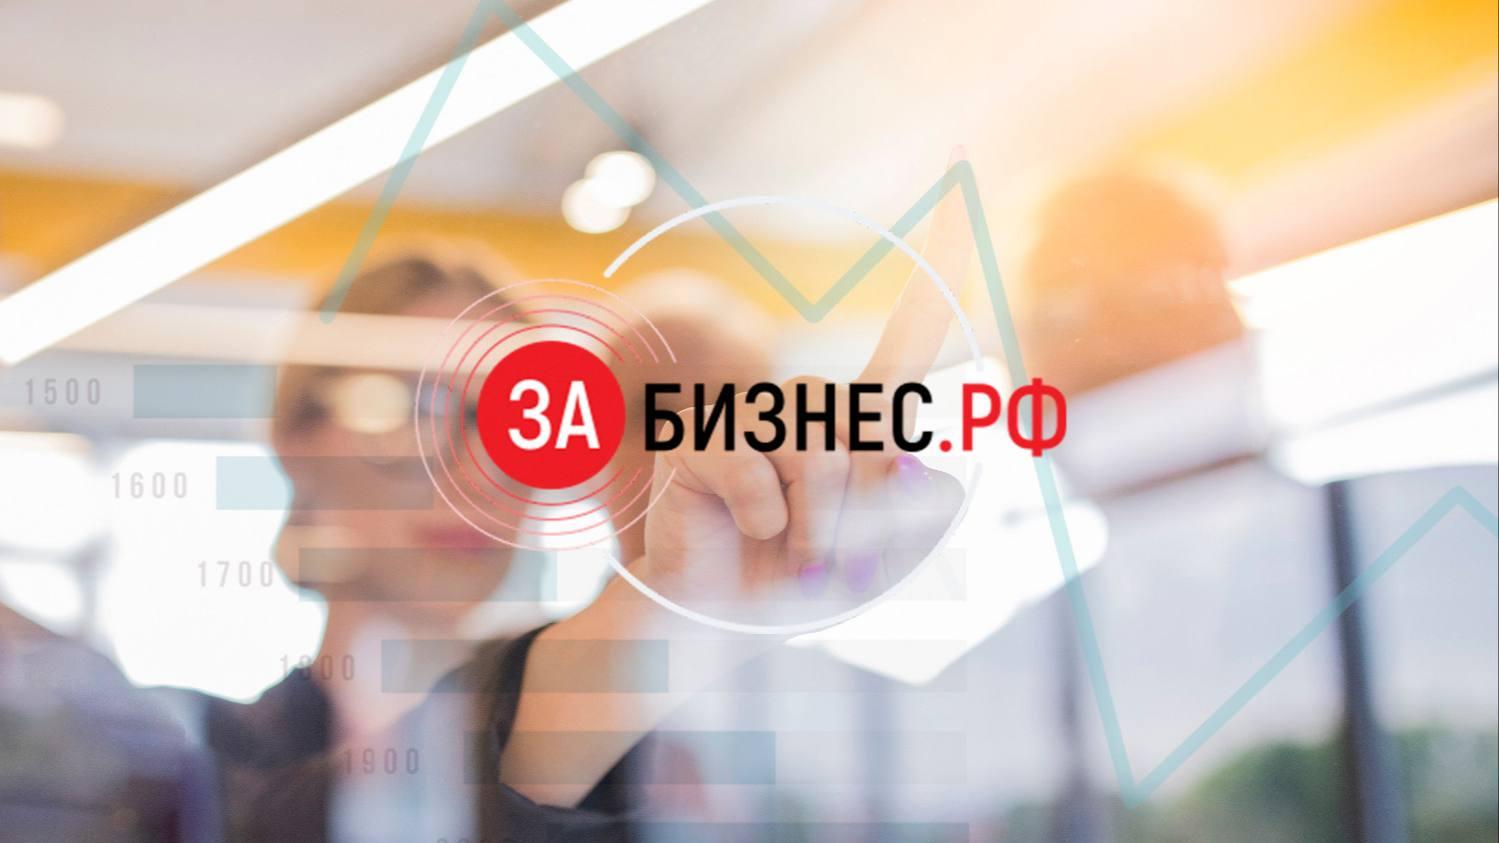 Цифровая платформа для работы с обращениями предпринимателей